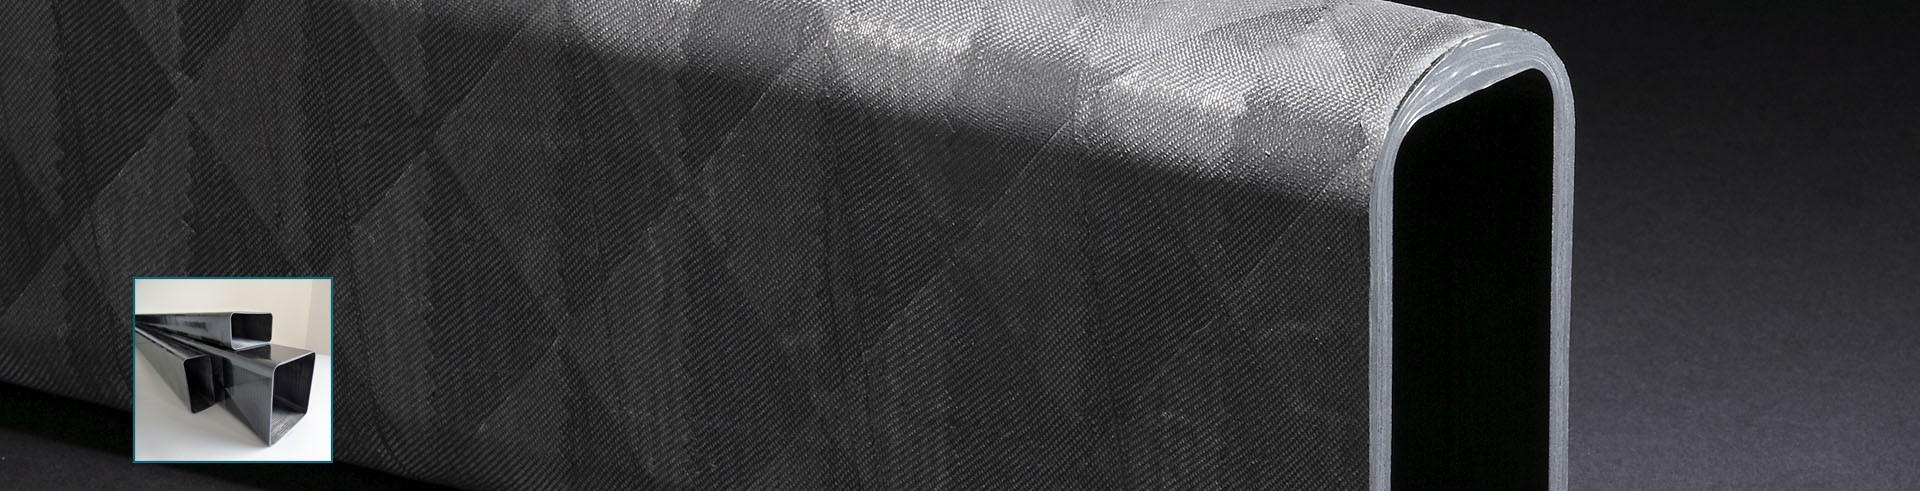 Square Tubes - ww.tubecarbone.com